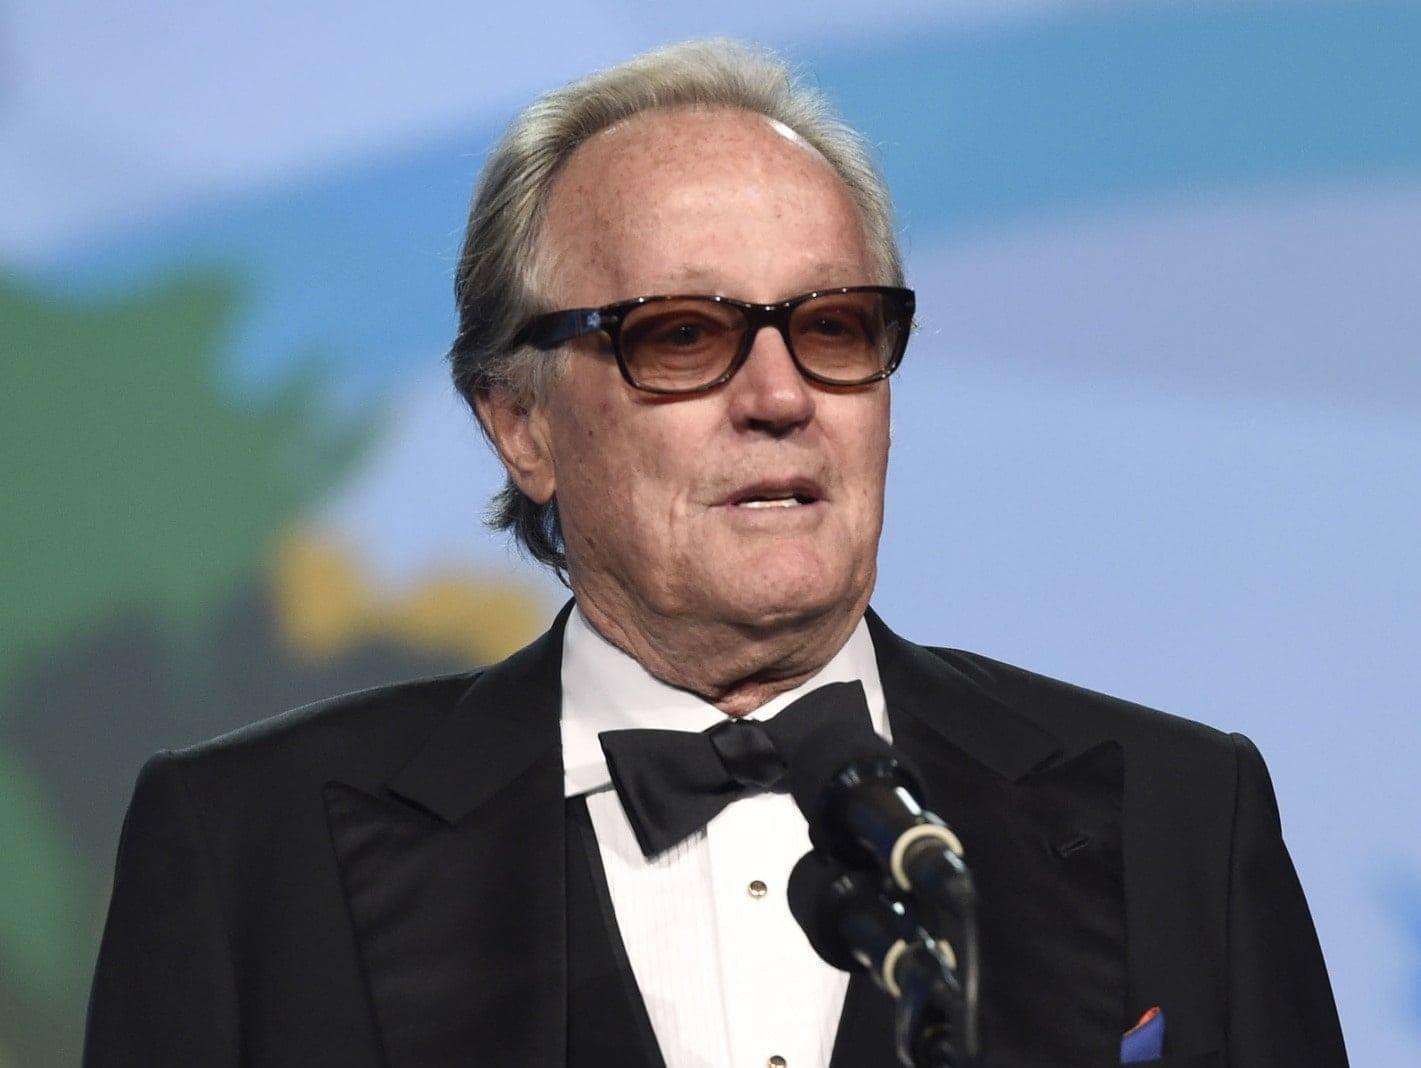 Schauspieler Peter Fonda